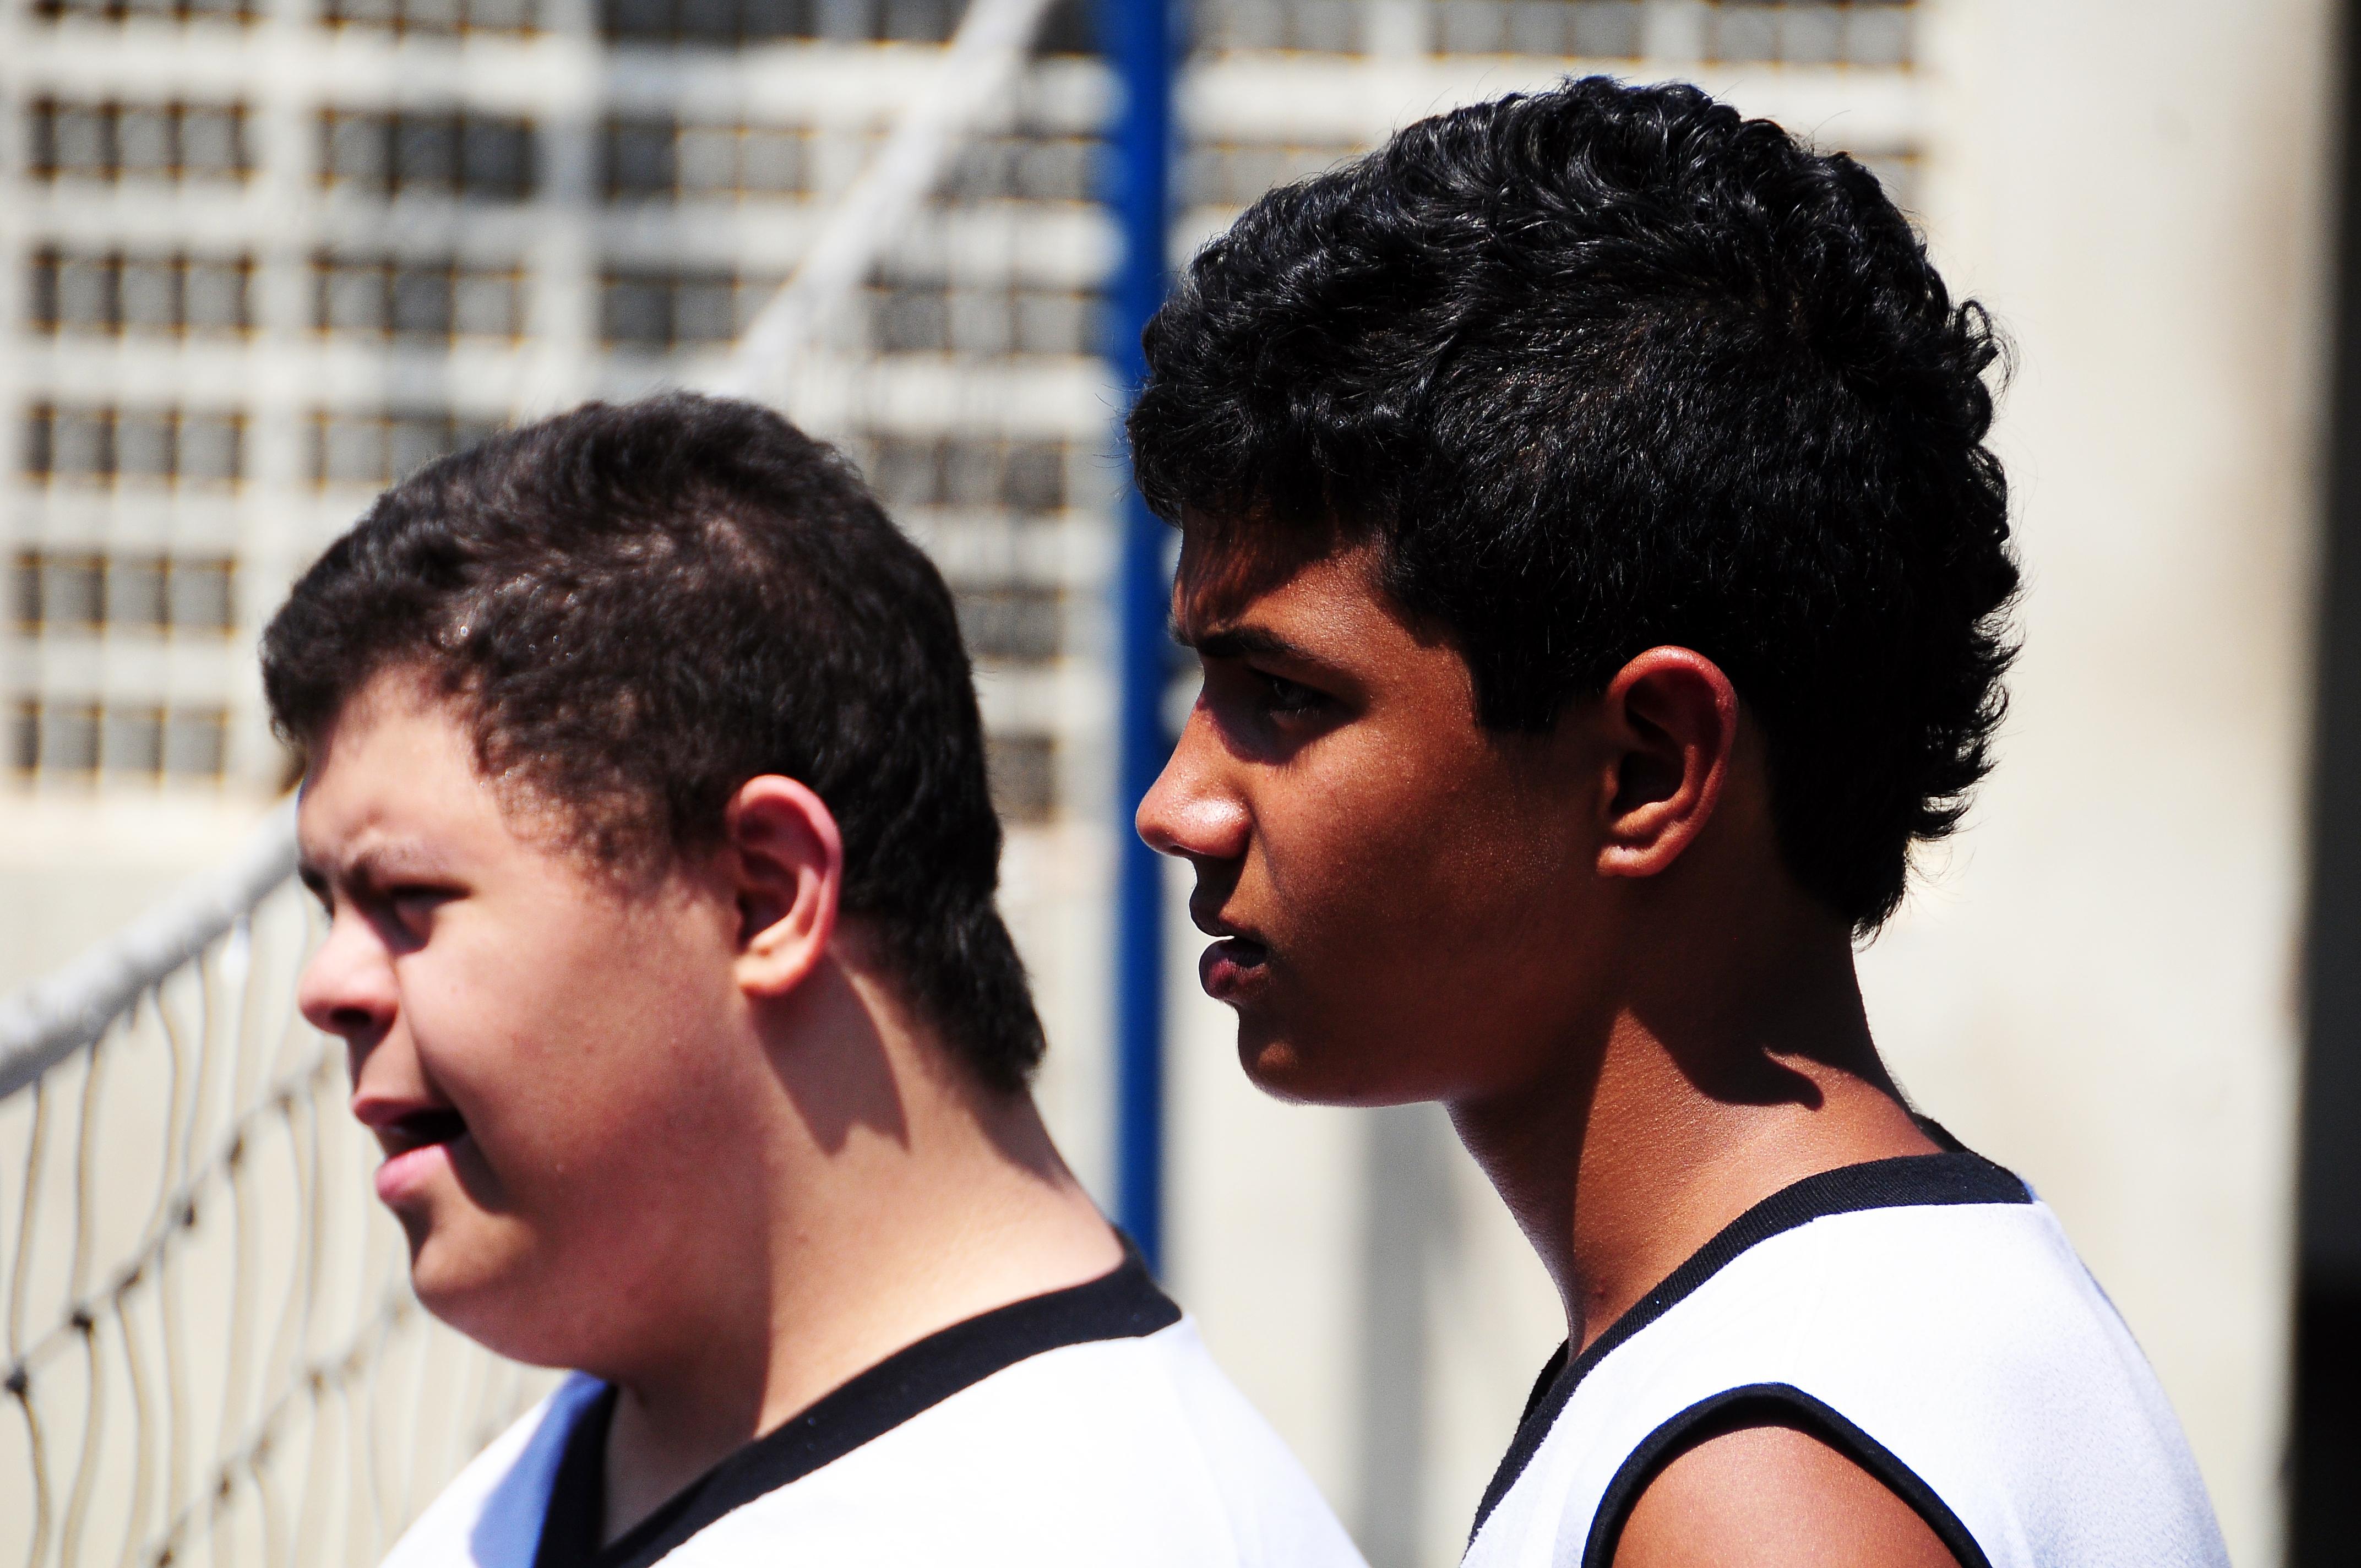 Garoto com síndrome de Down e garoto sem deficiência estão lado a lado e de perfil olhando atentamente através de rede.